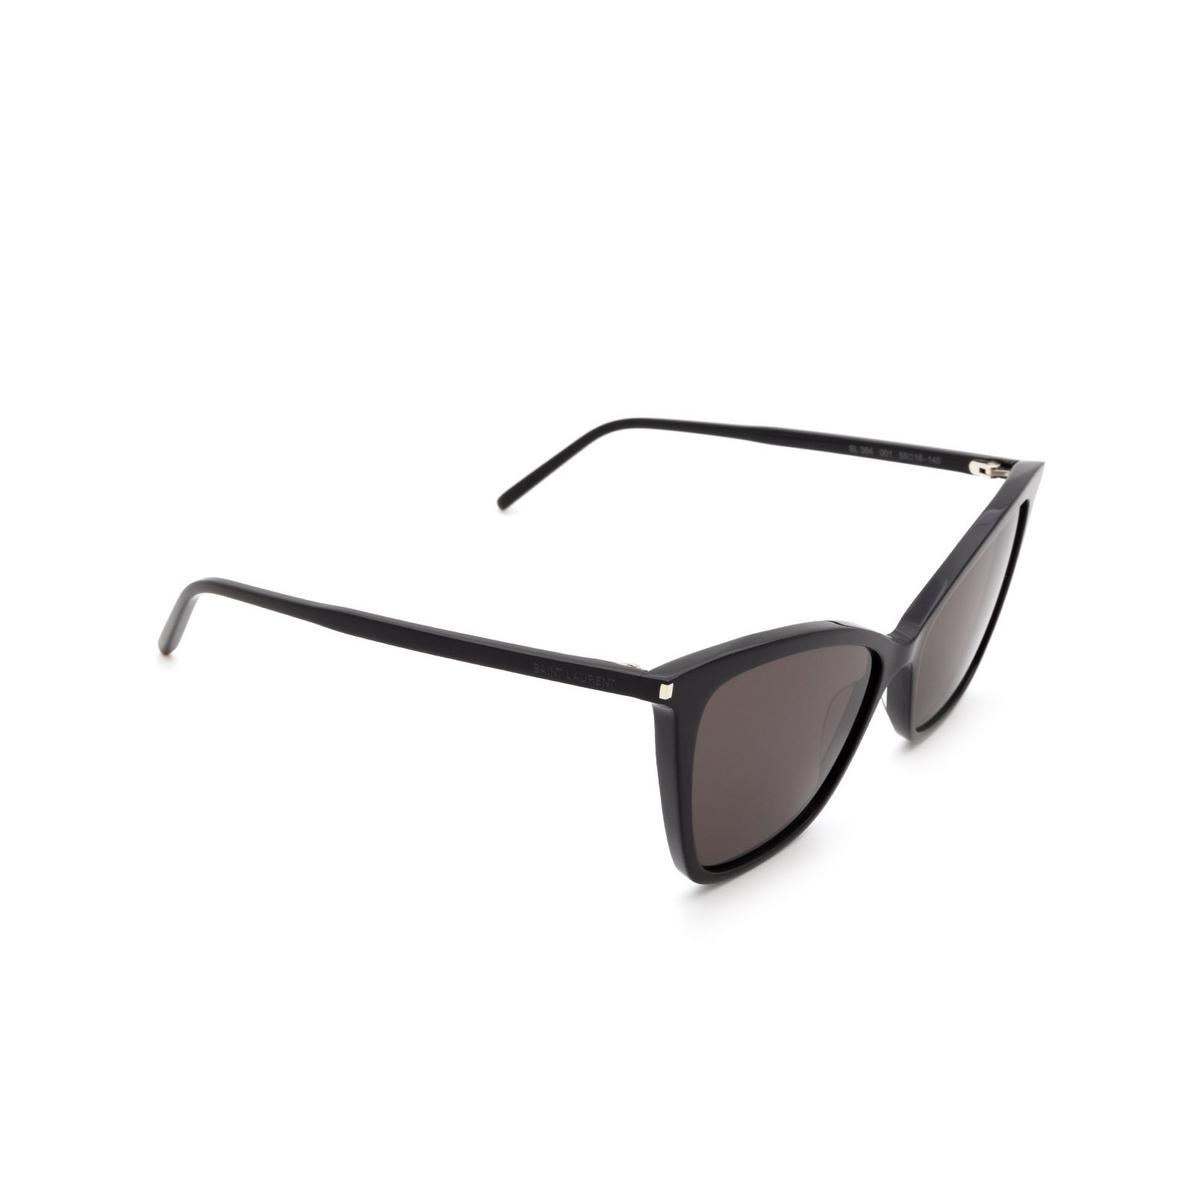 Saint Laurent® Cat-eye Sunglasses: SL 384 color Black 001 - 2/3.